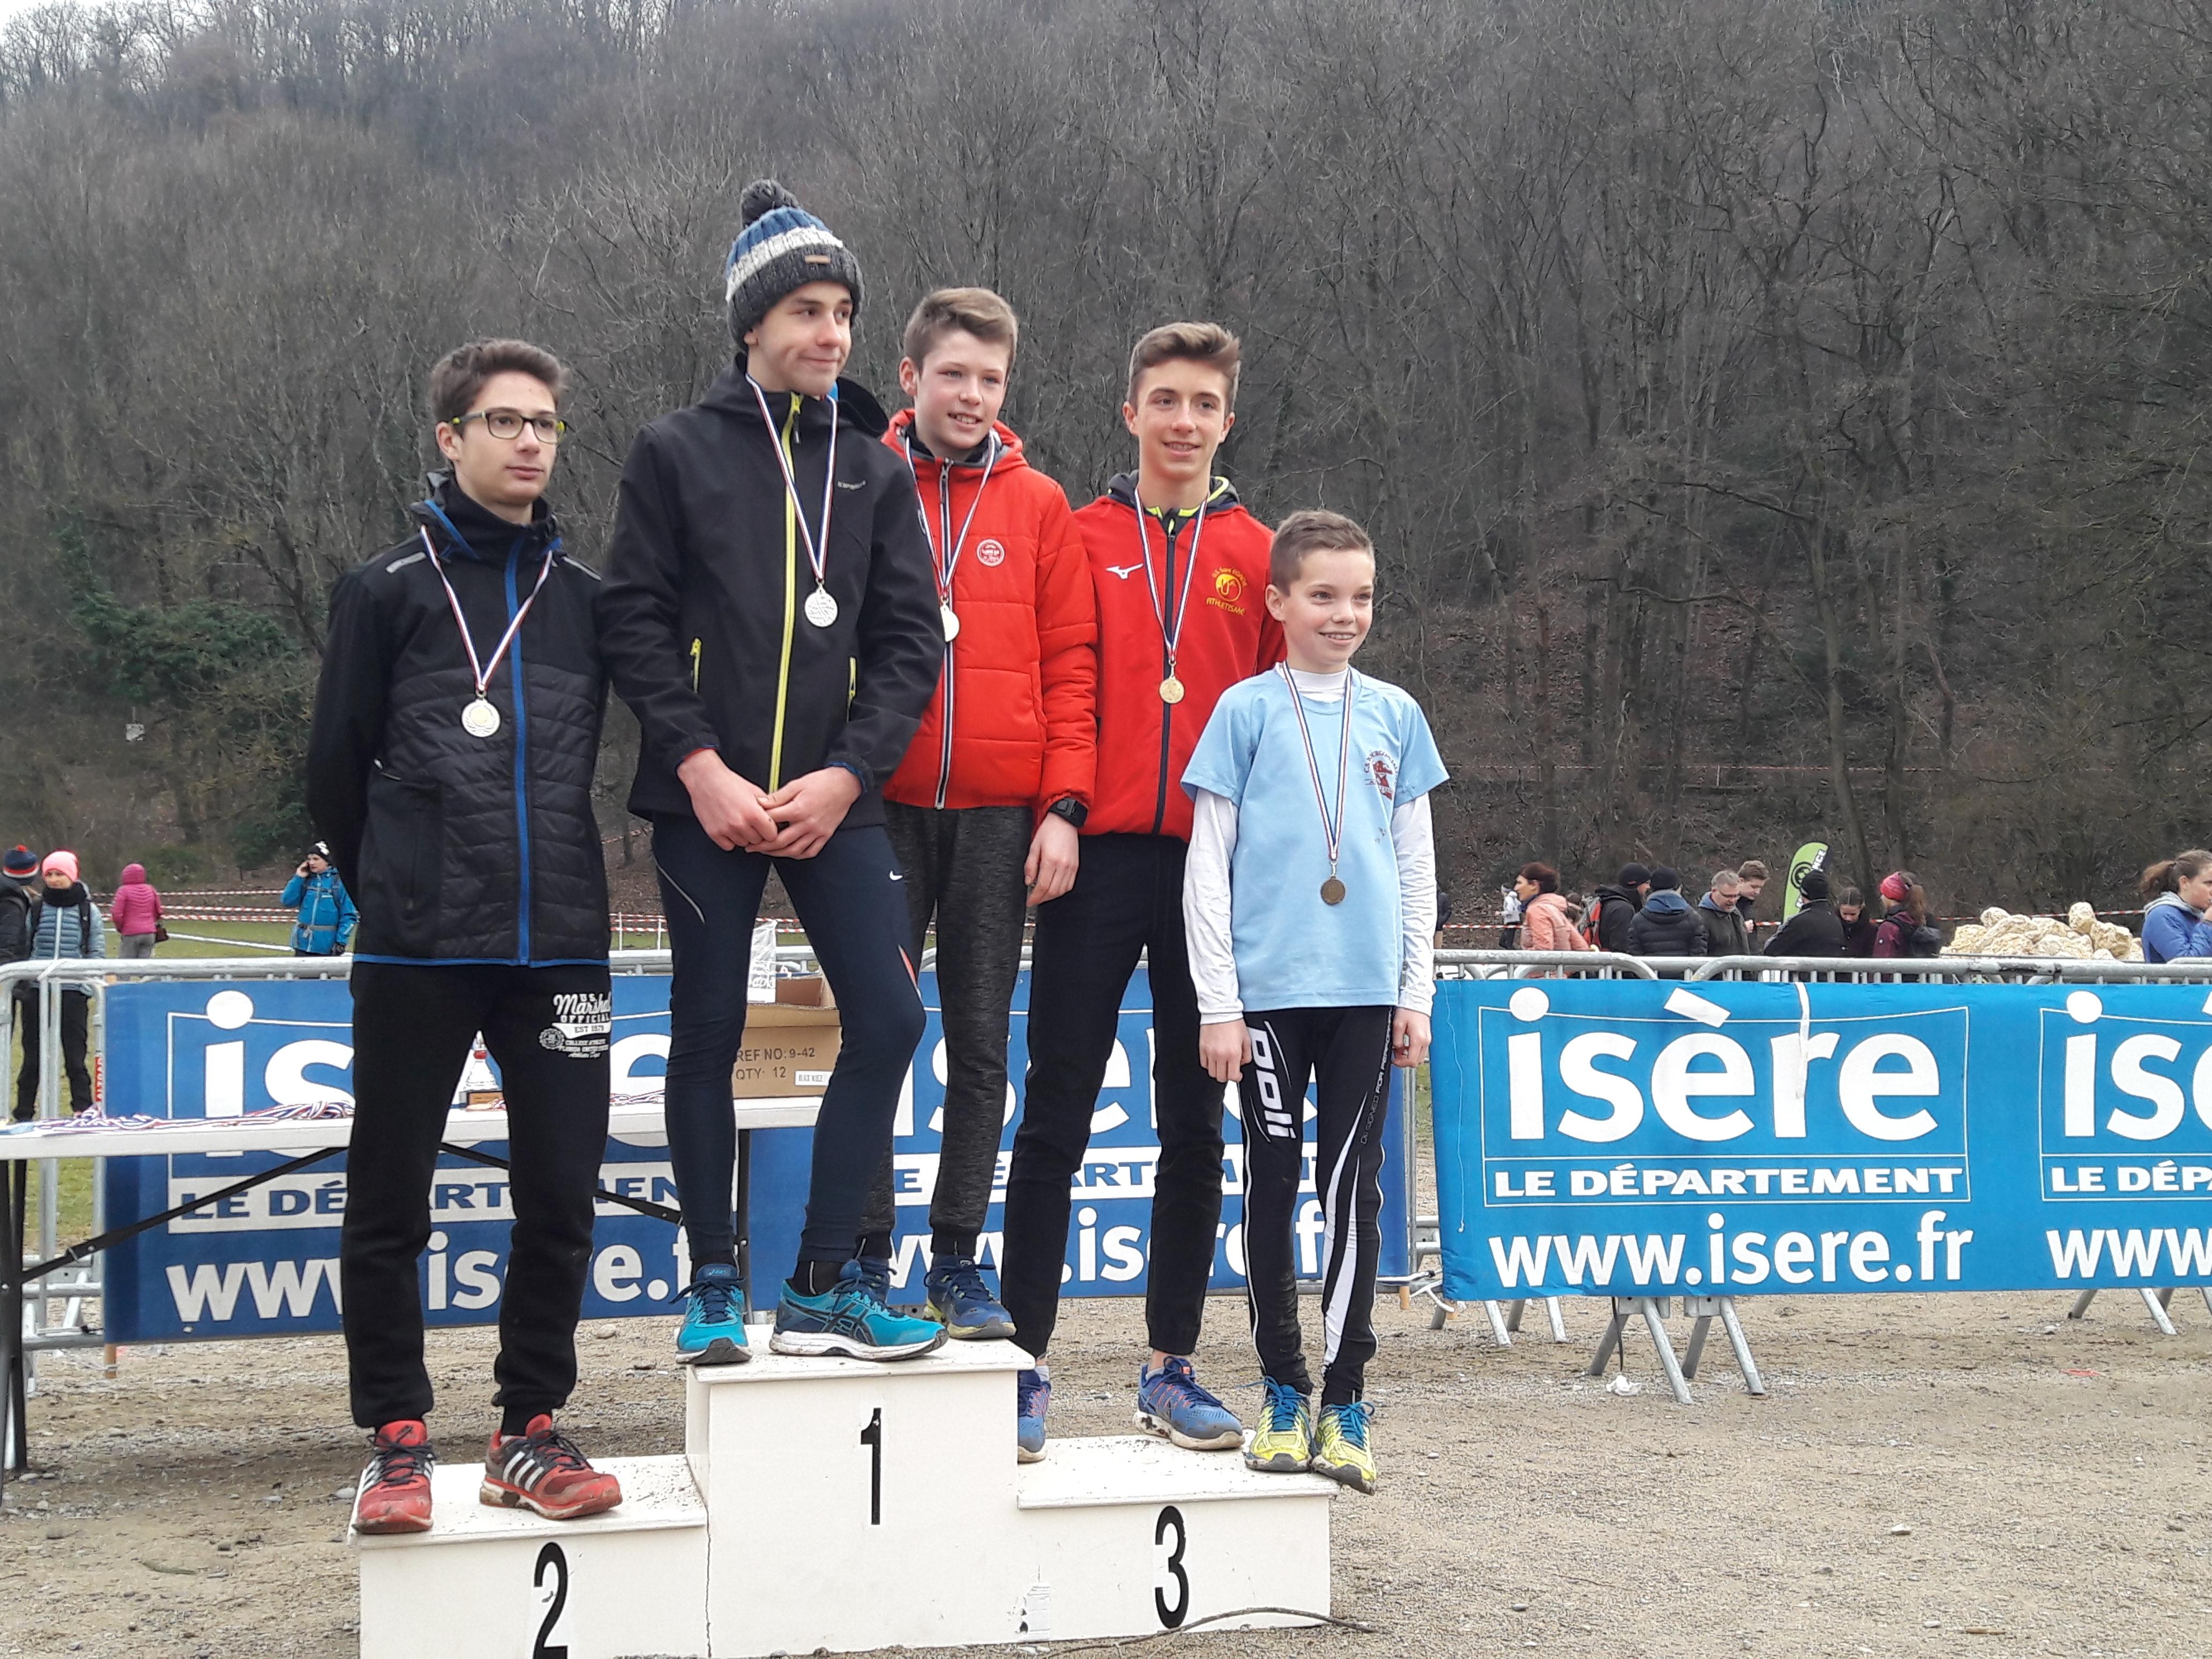 Championnats départementaux de cross 2018 podium minimes